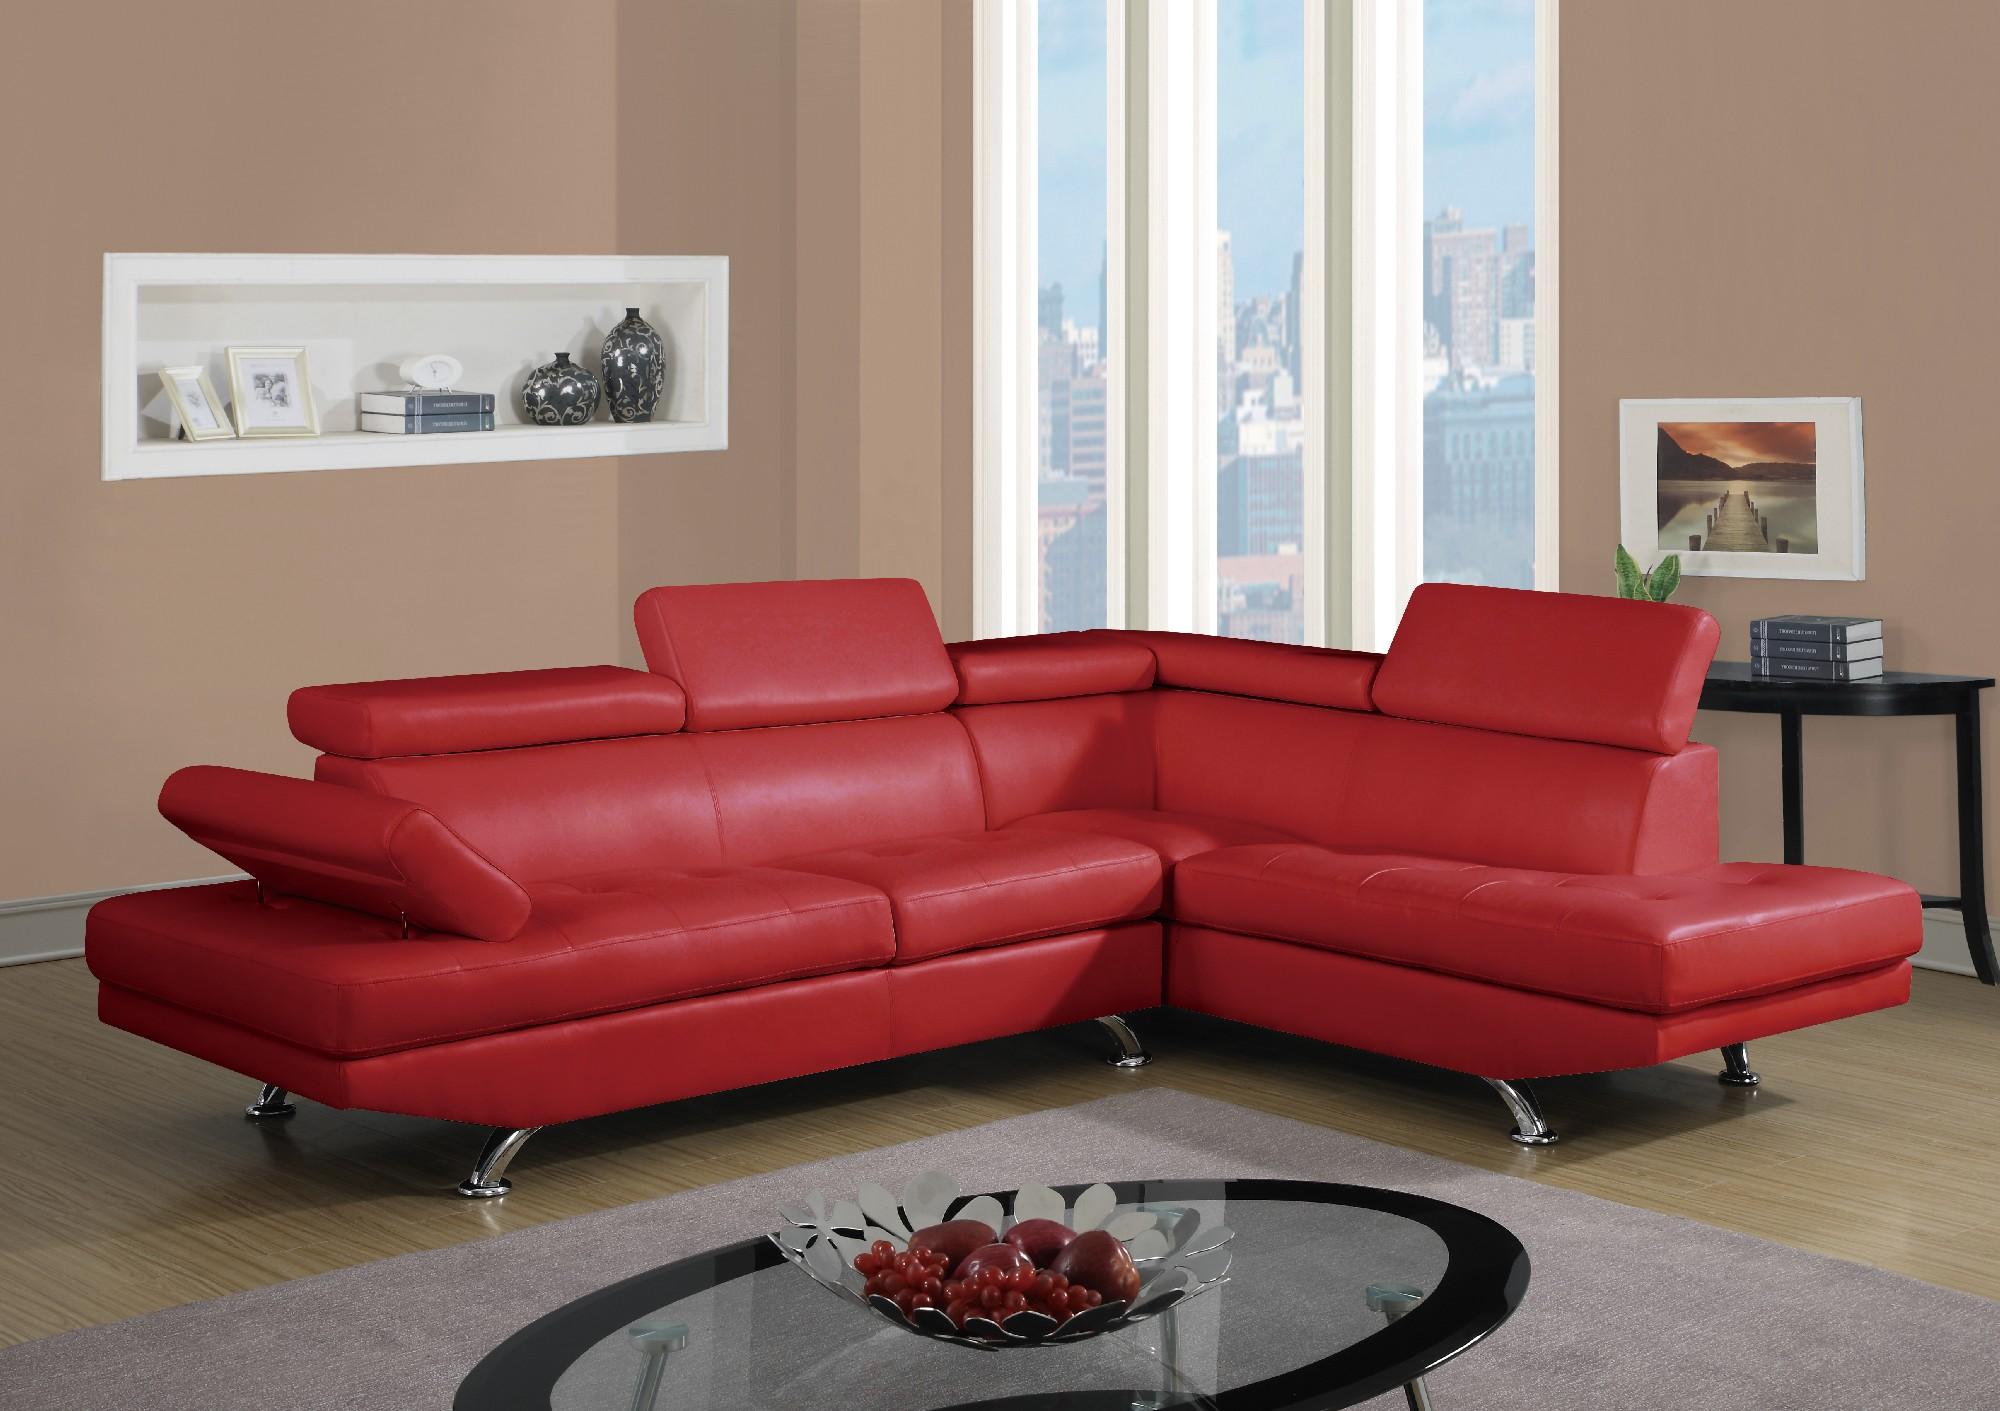 U9782 Red PU Sectional Sofa by Global Furniture